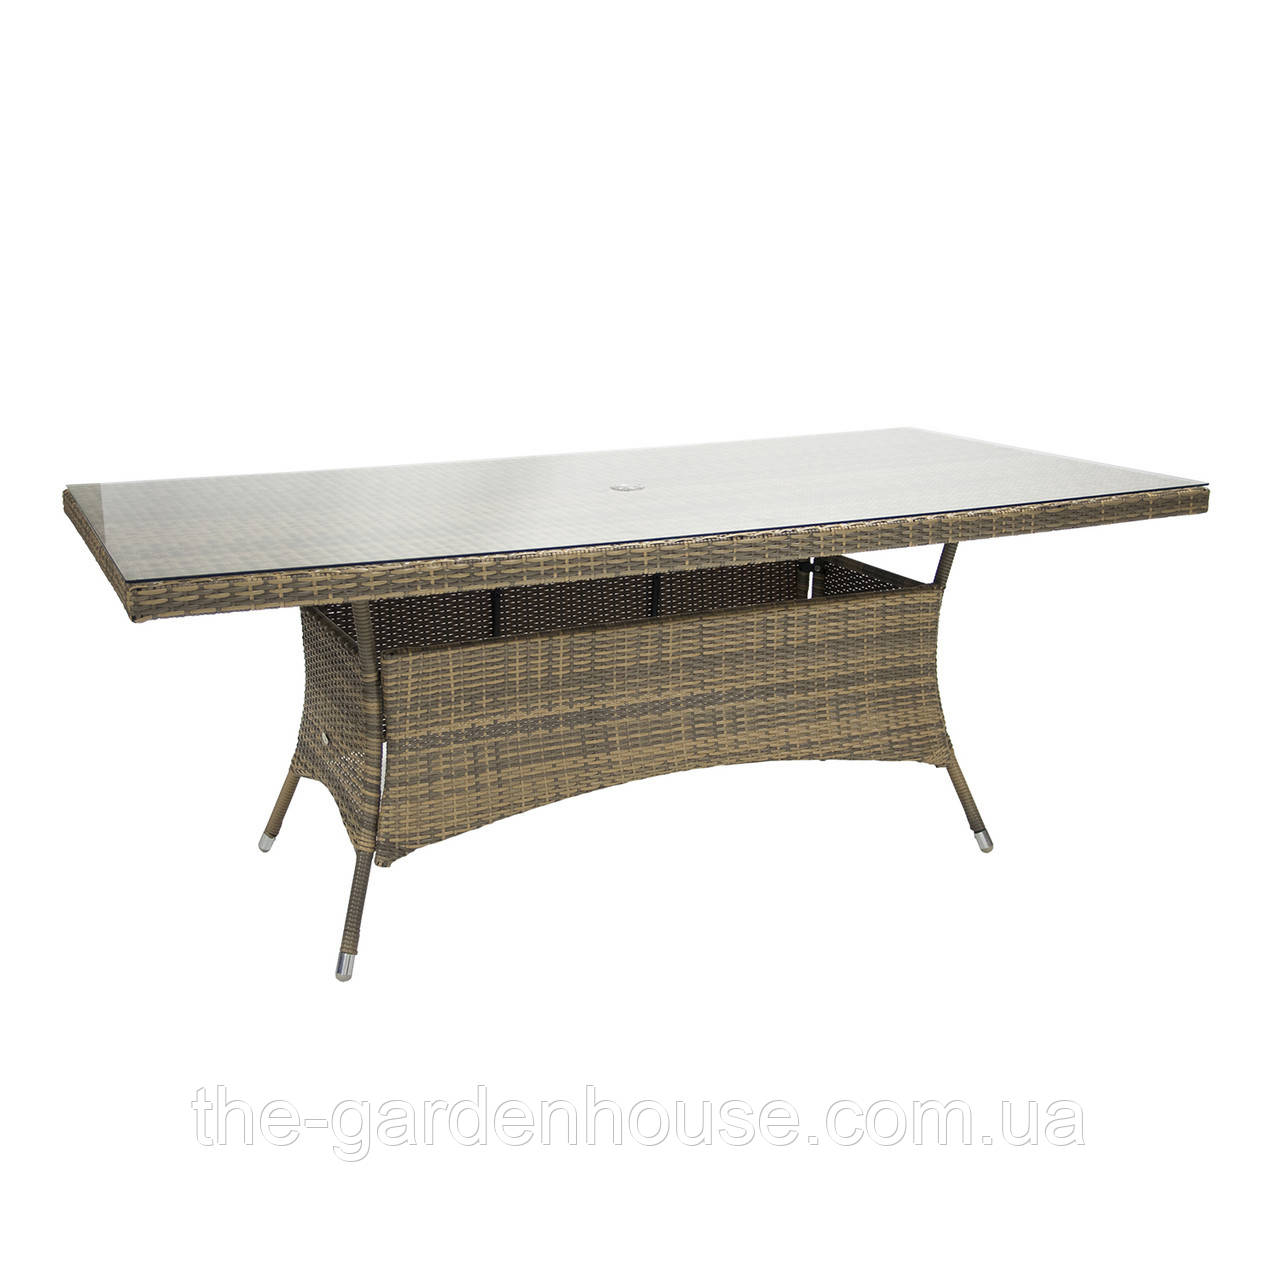 Обеденный стол Wicker из искусственного ротанга со стеклом 200х100 см капучино